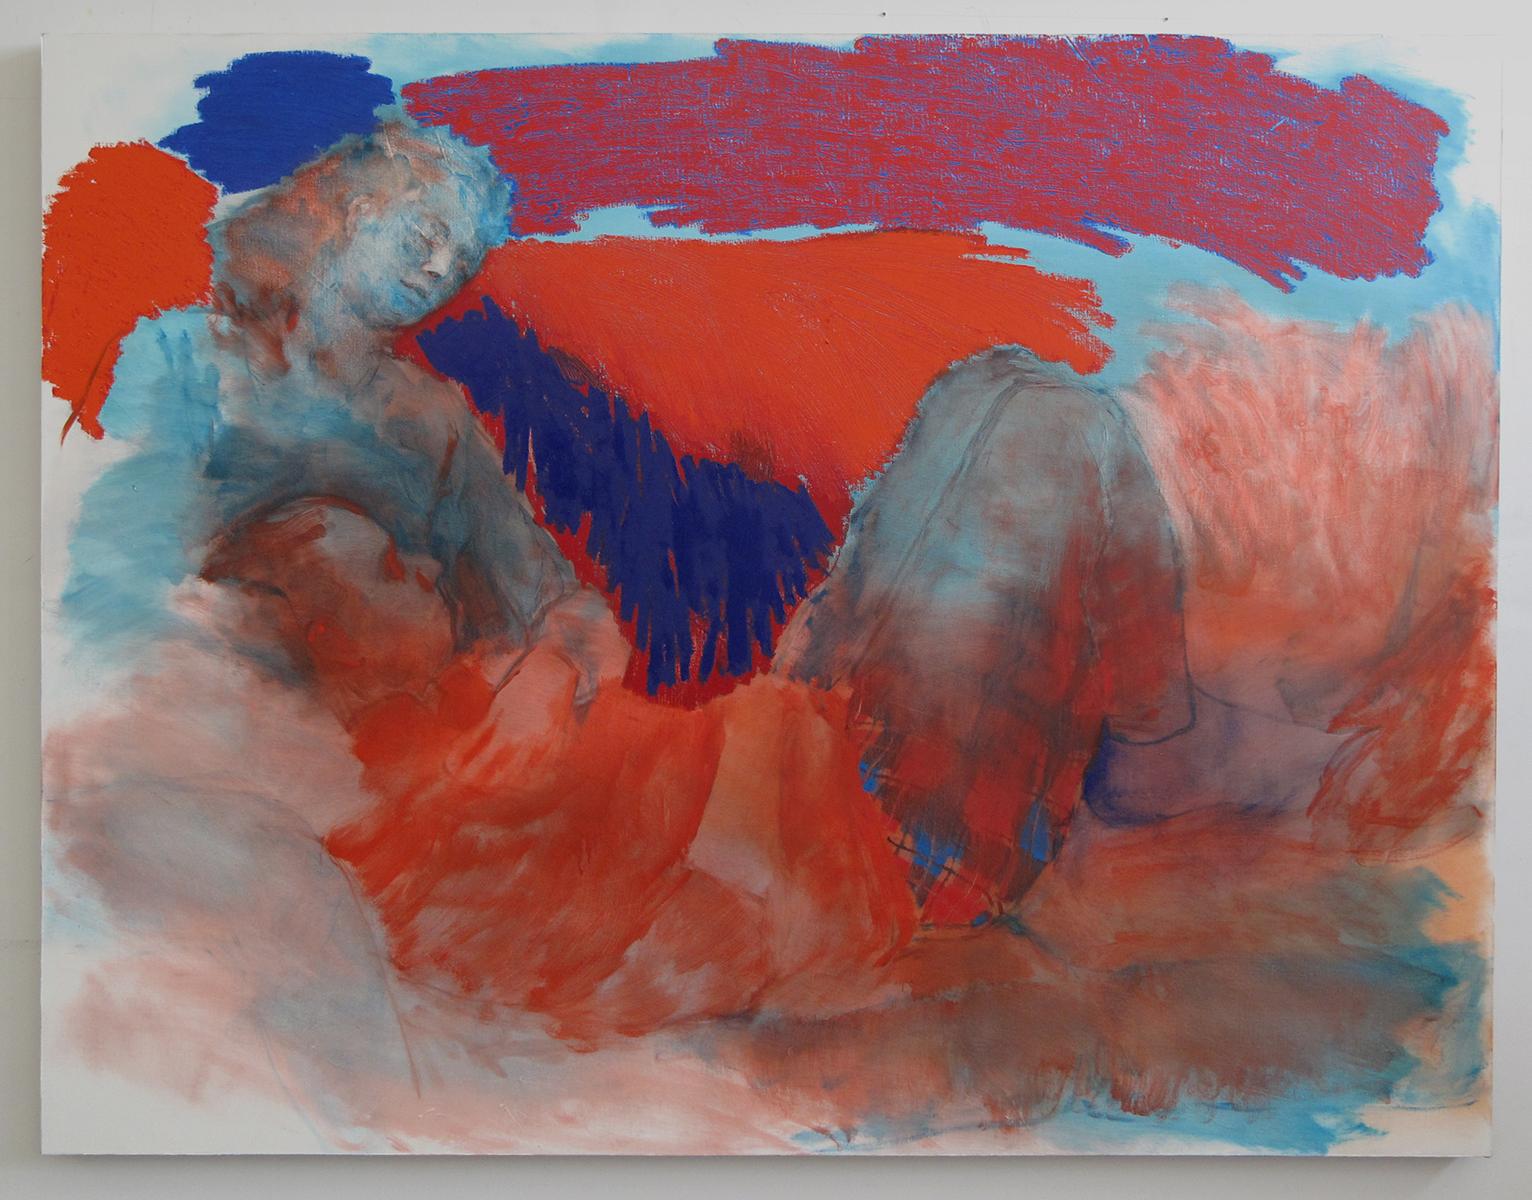 Doron Langberg, Michael and Maya, 2016